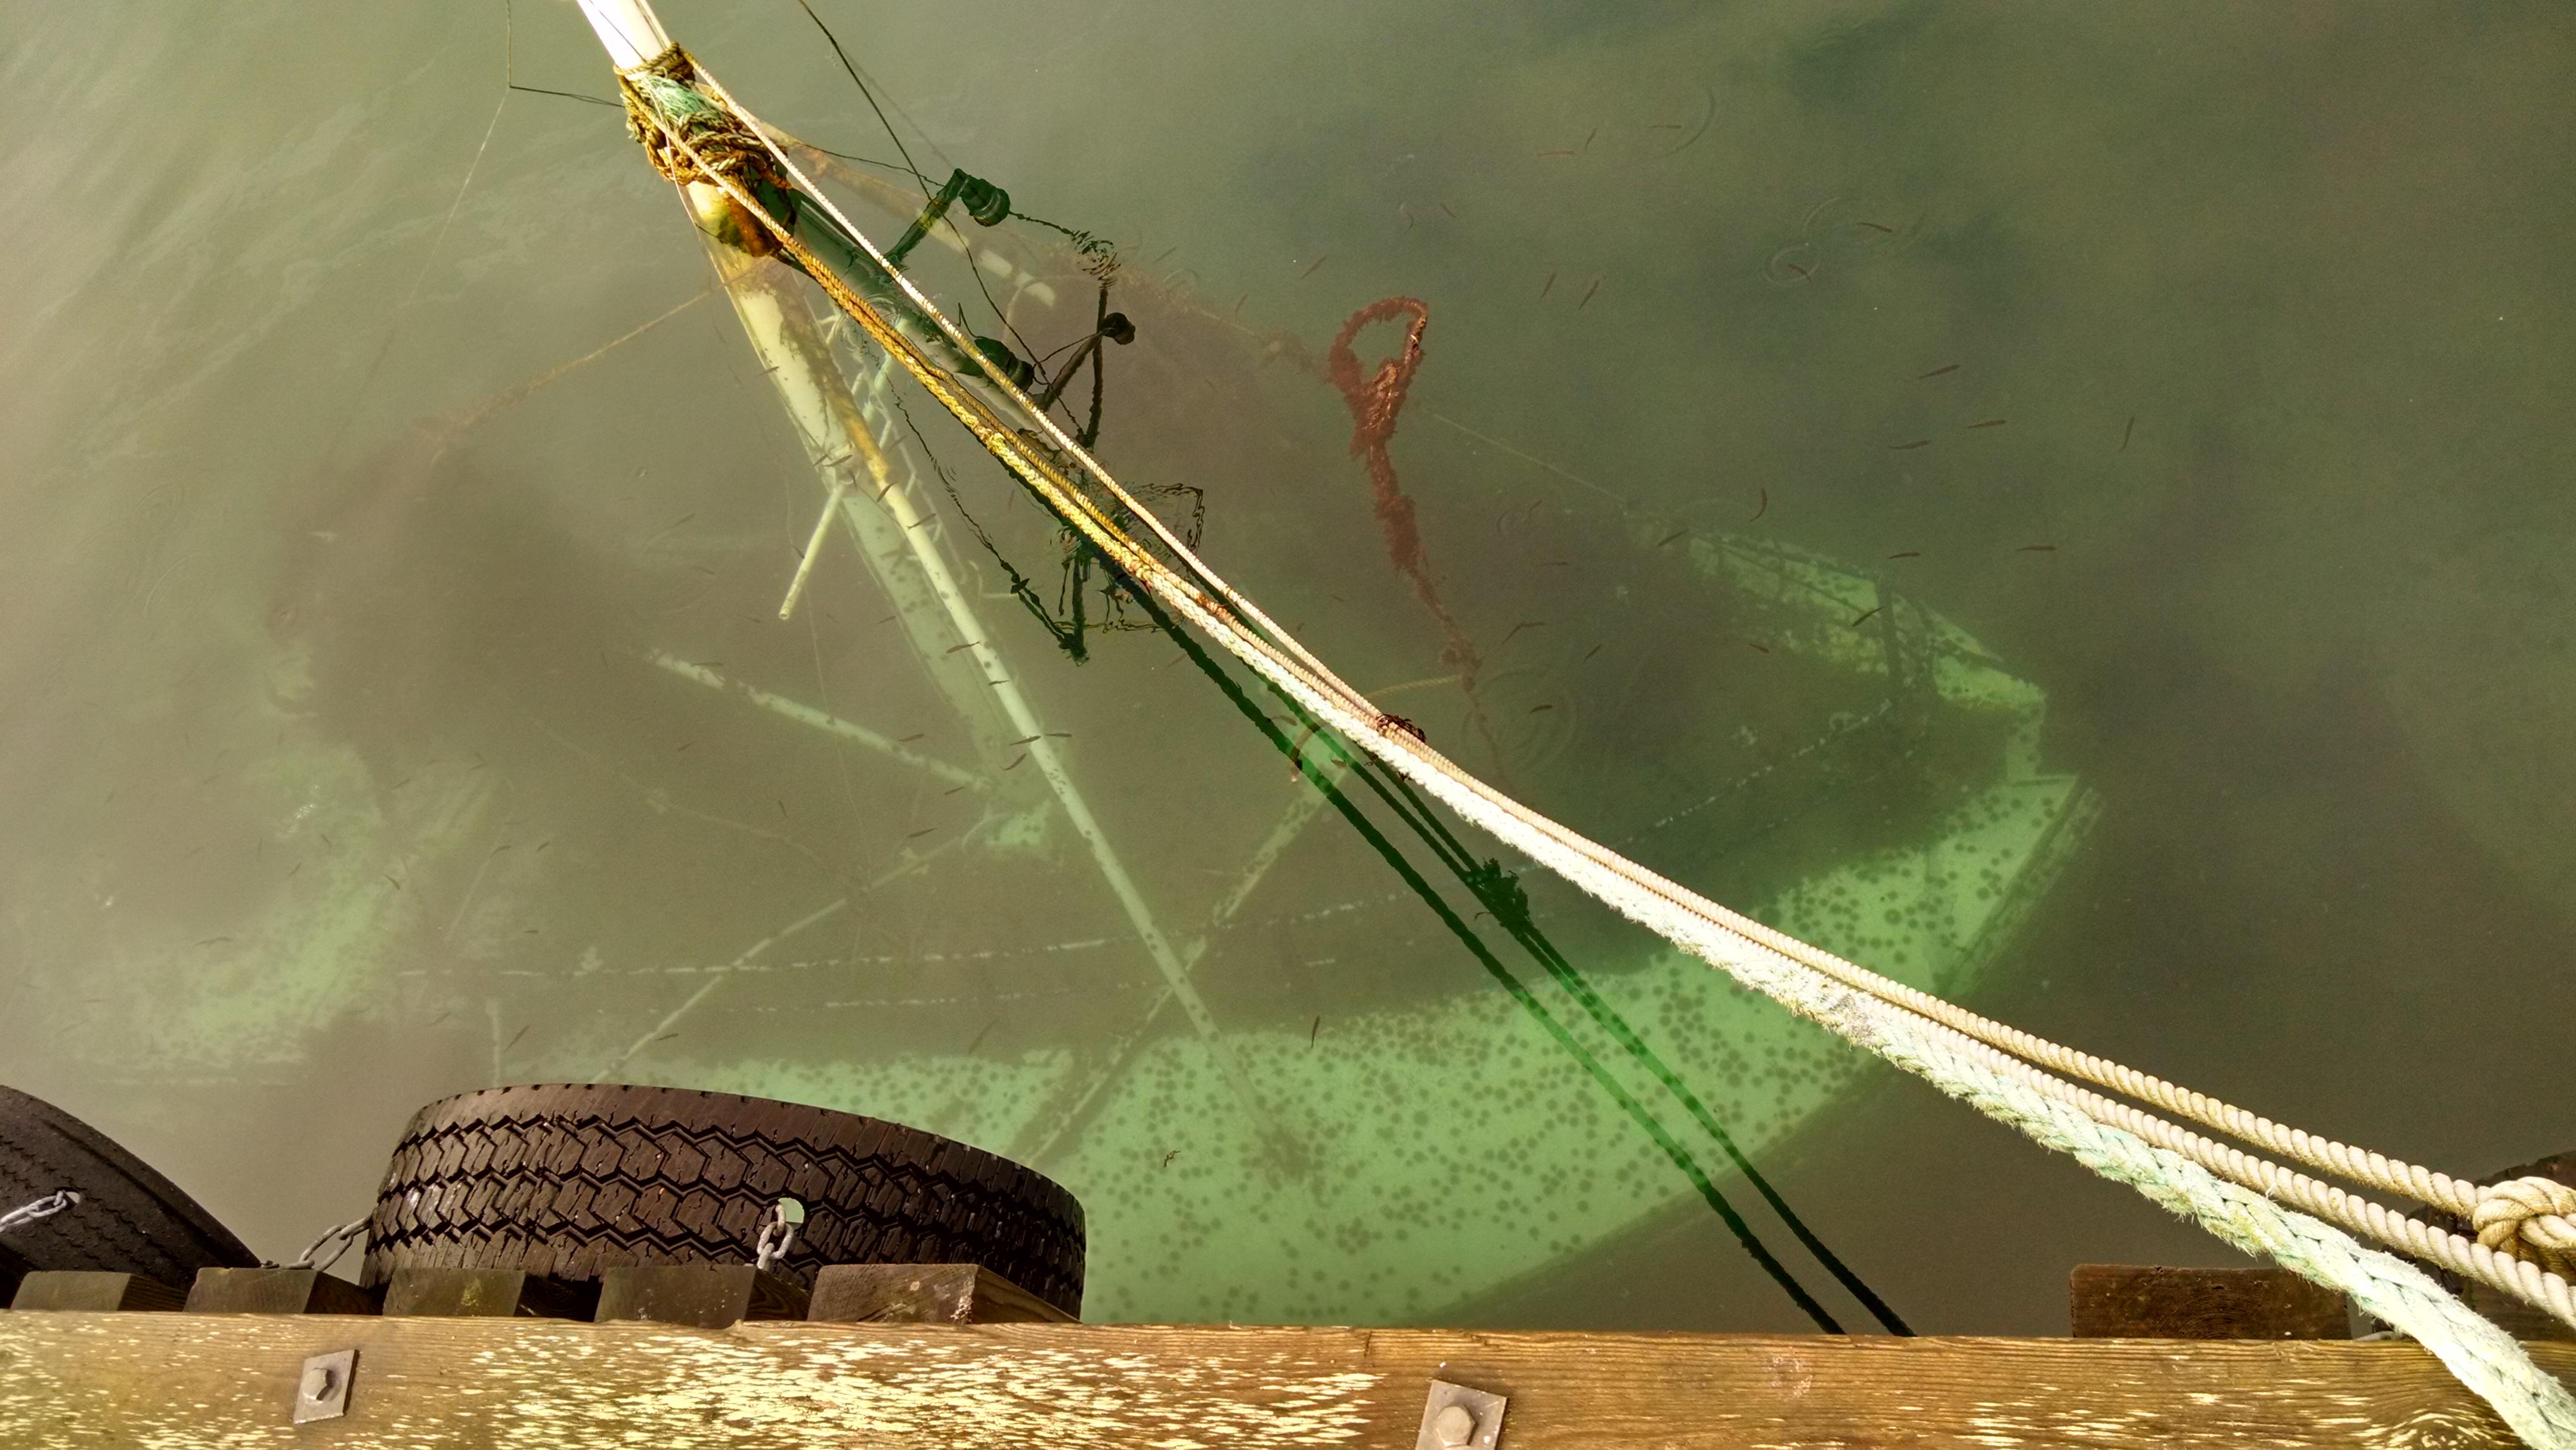 A sunken boat in Havoysund